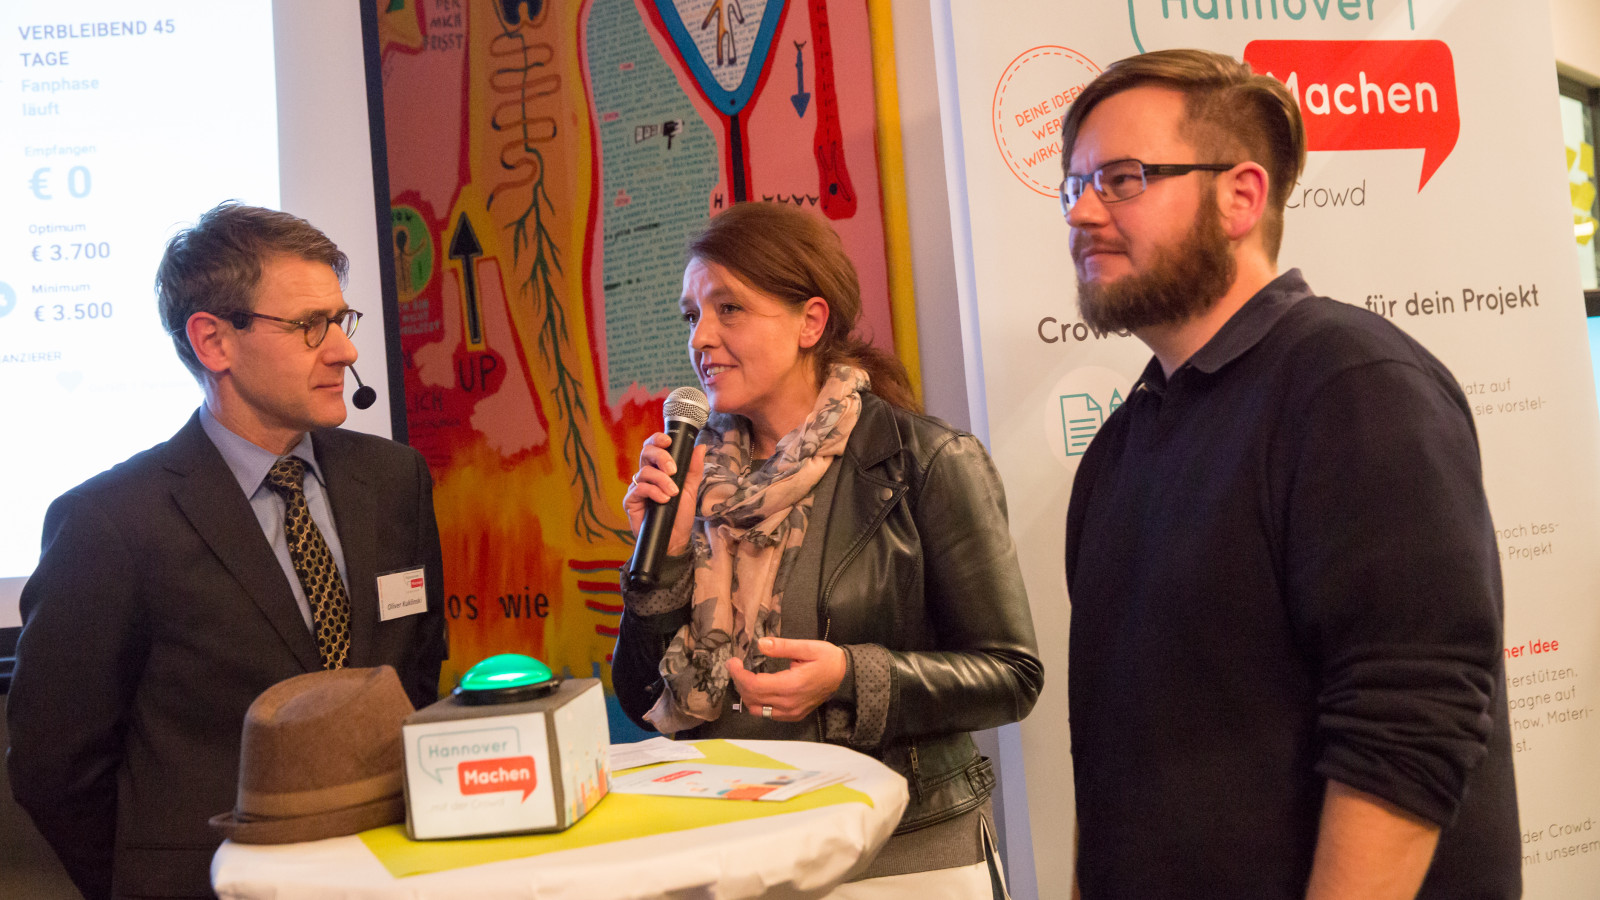 Hannover, 21.11.2016: Start der gemeinnützigen Crowdfundingplattform HannoverMachen Foto: Michael Wallmüller